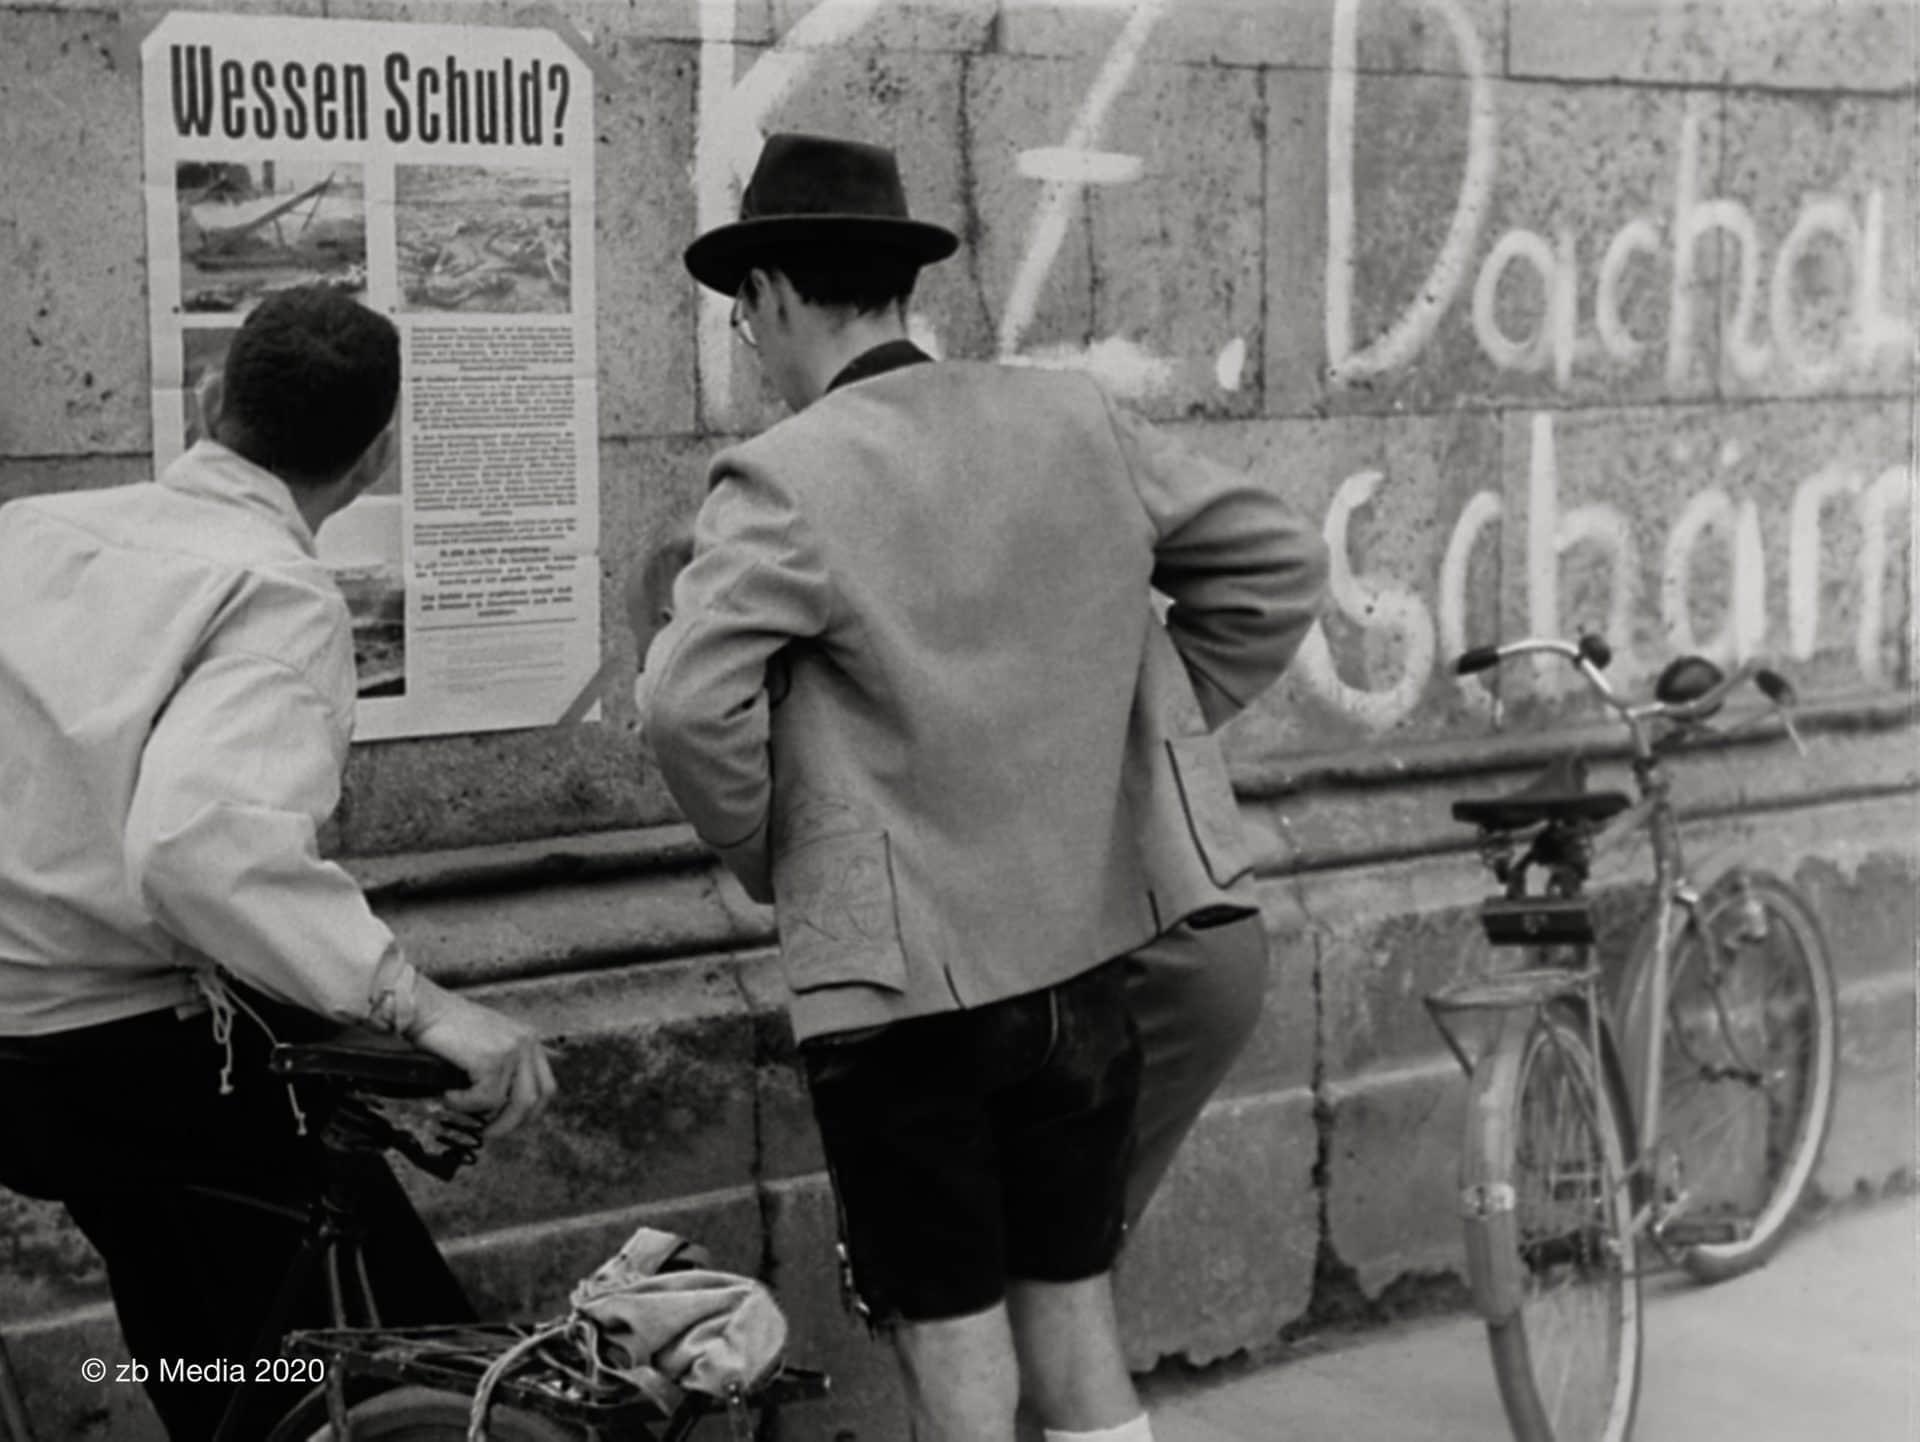 München Mai 1945 - Wessen Schuld